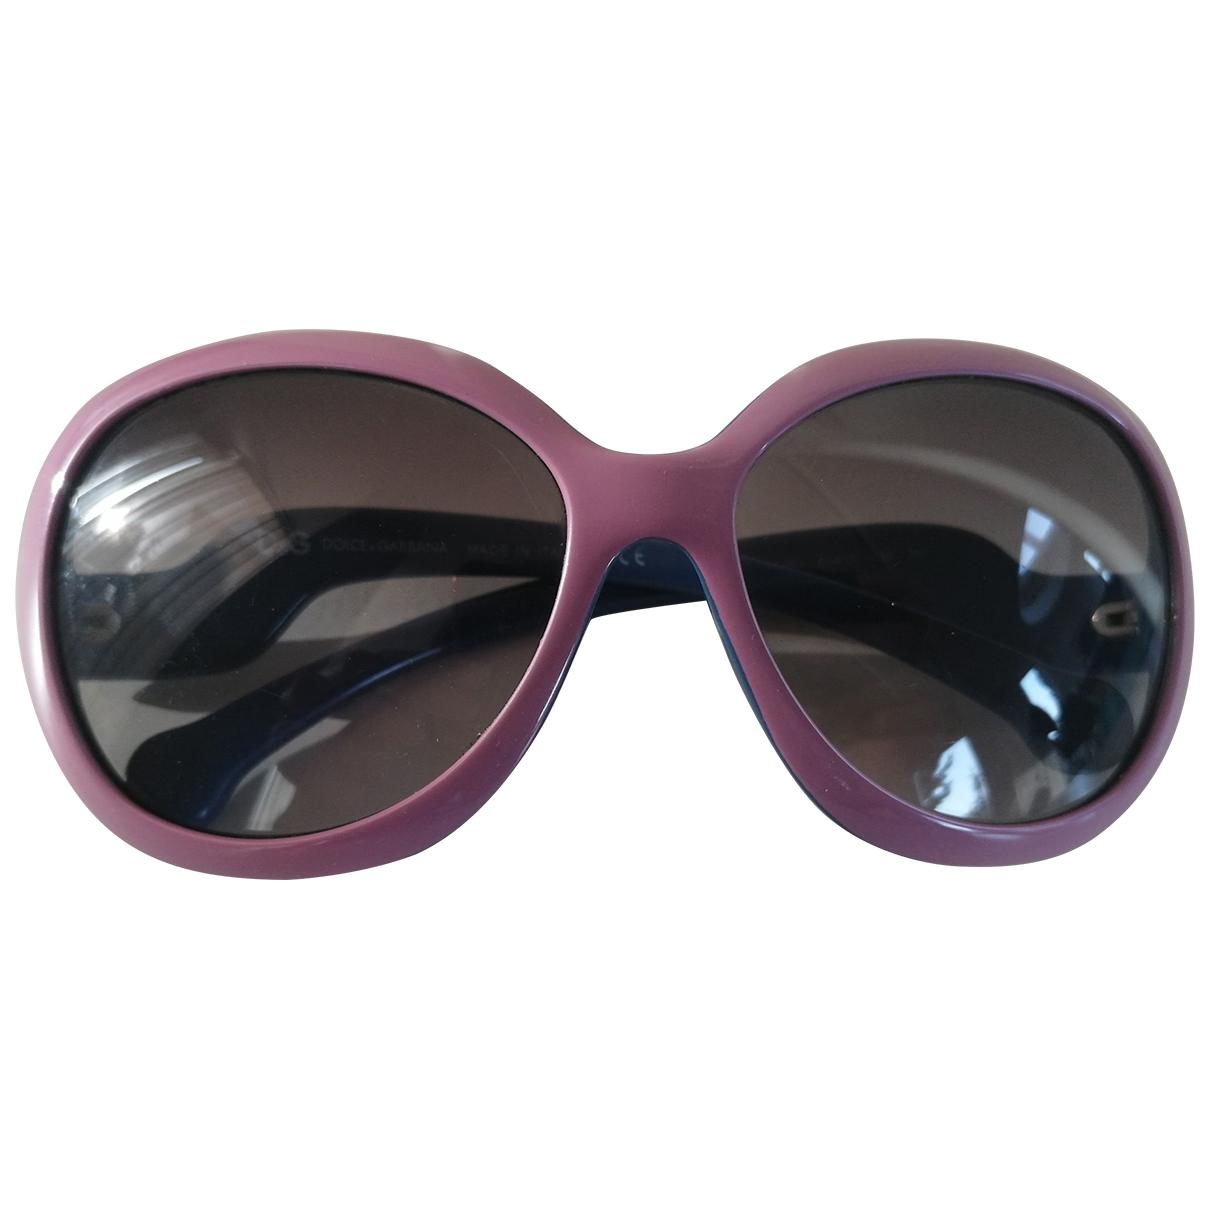 D&g - Lunettes   pour femme - violet